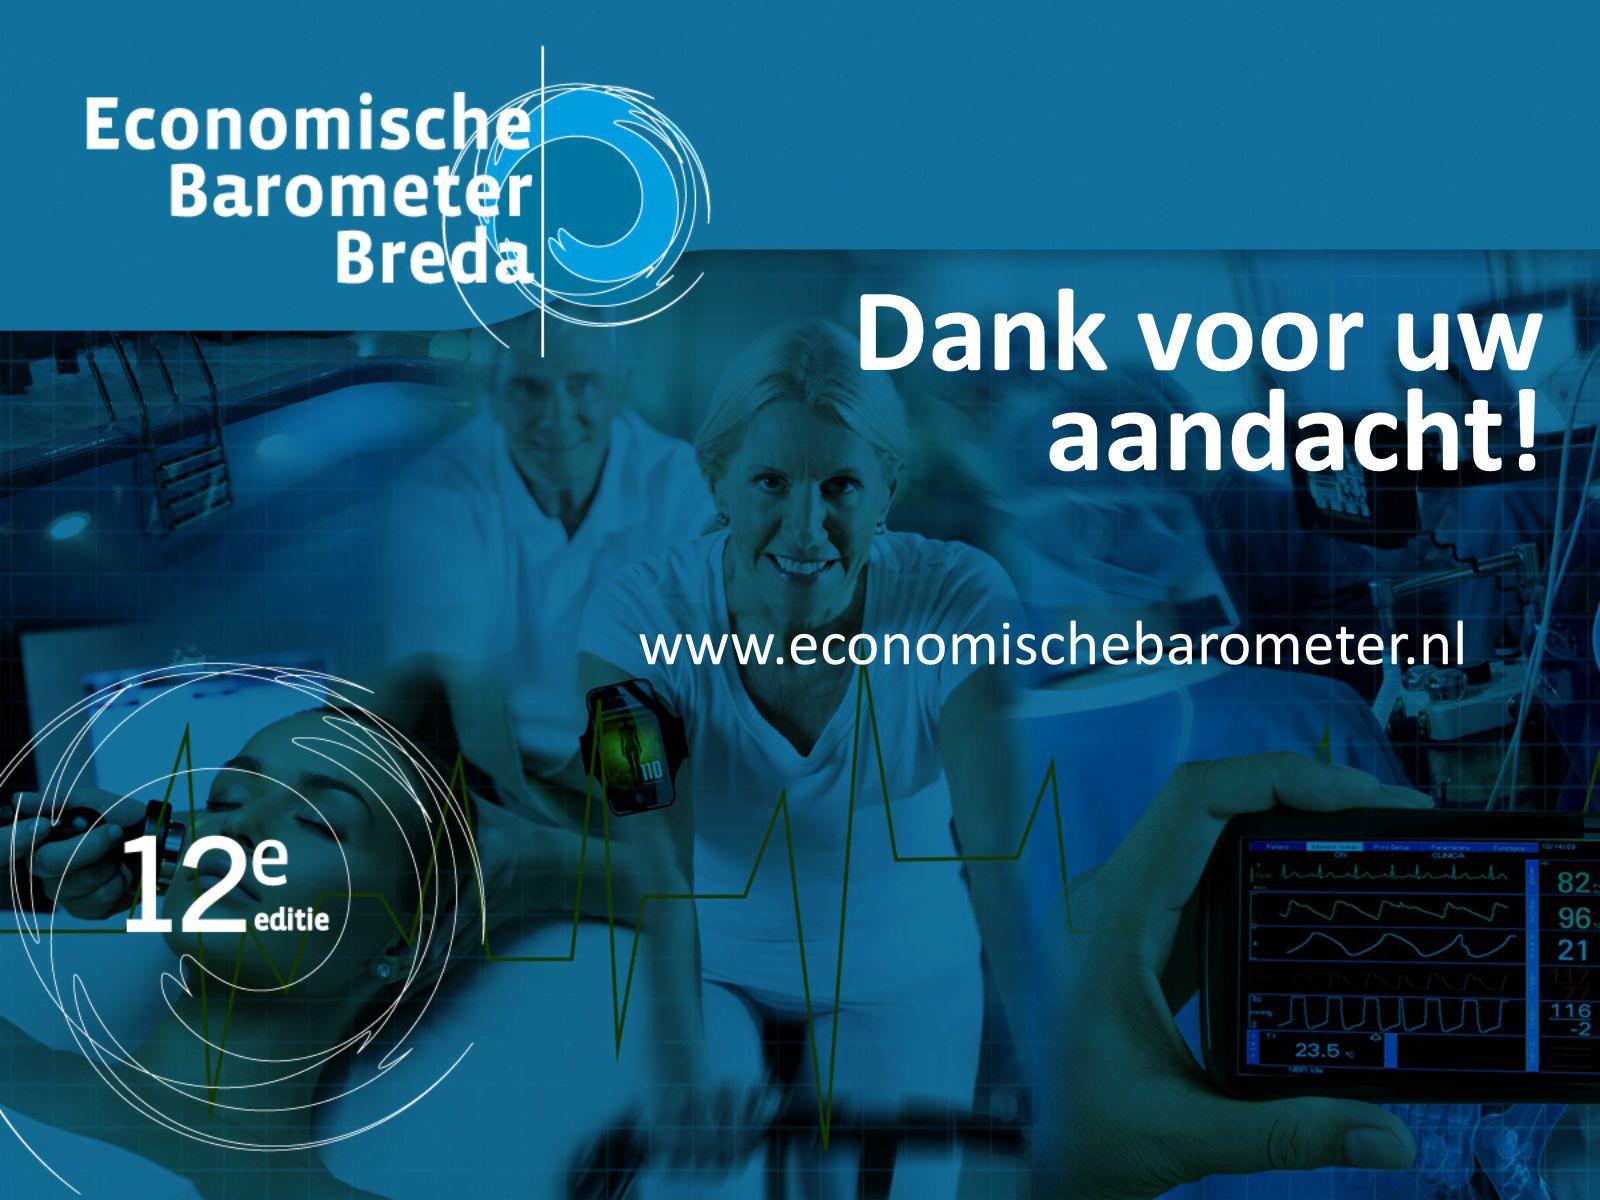 Dank voor uw aandacht Dank voor uw aandacht! www.economischebarometer.nl